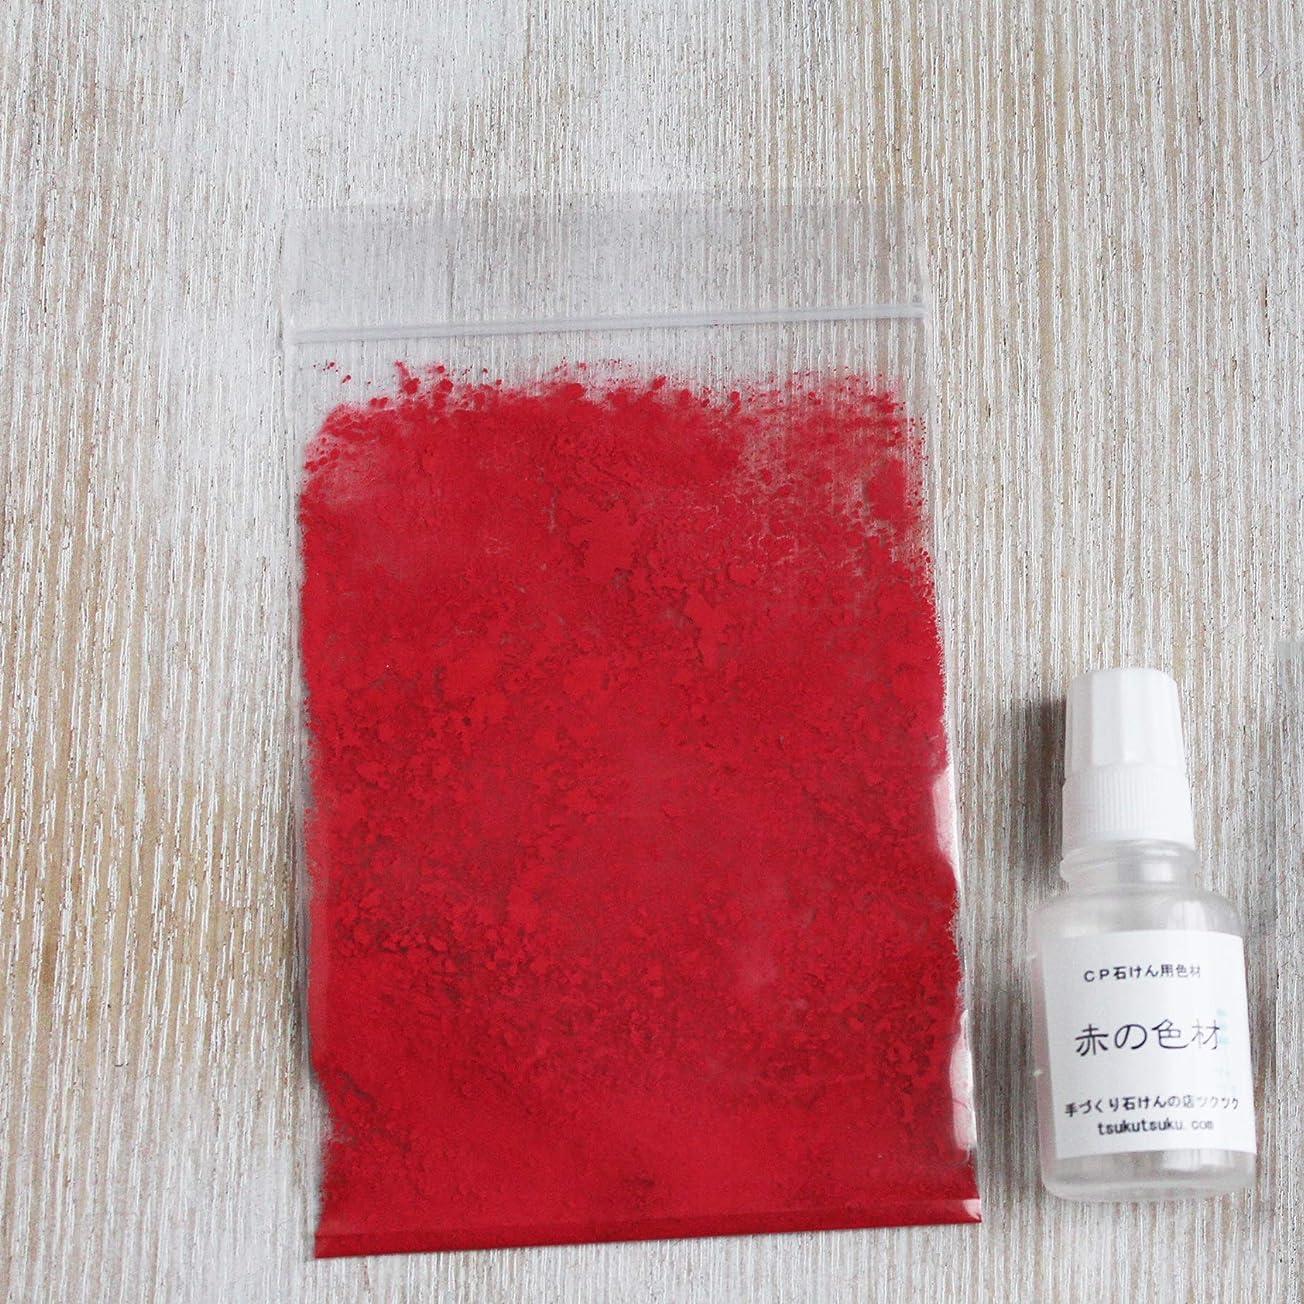 選出する鉛払い戻しCP石けん用色材 赤の色材キット/手作り石けん?手作り化粧品材料